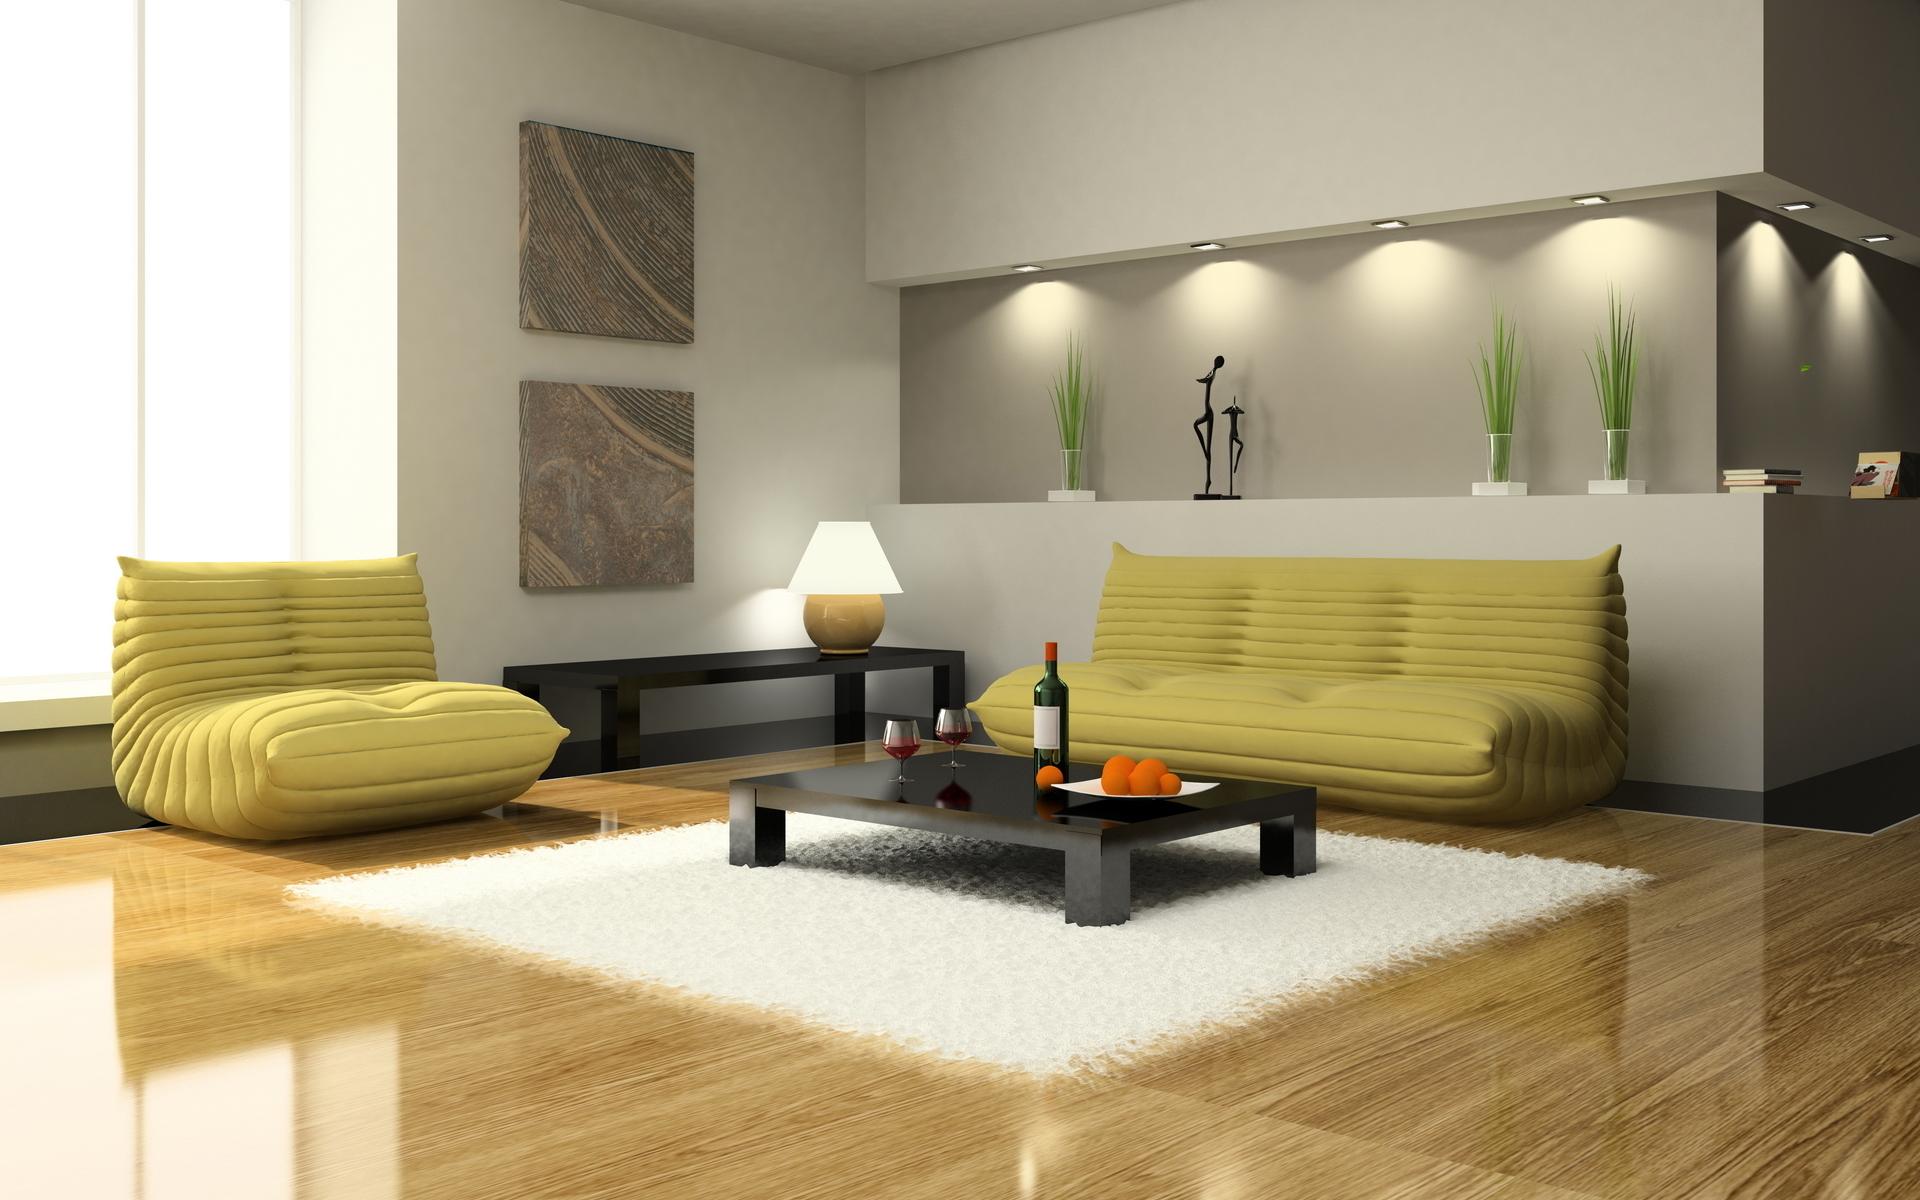 Корпусная мебель подбирается также по принципу минимального присутствия и максимума функциональности. Часто в минималистичном интерьере можно увидеть шкафы-купе во всю стену с зеркальными или выполненными из матового стекла дверьми.